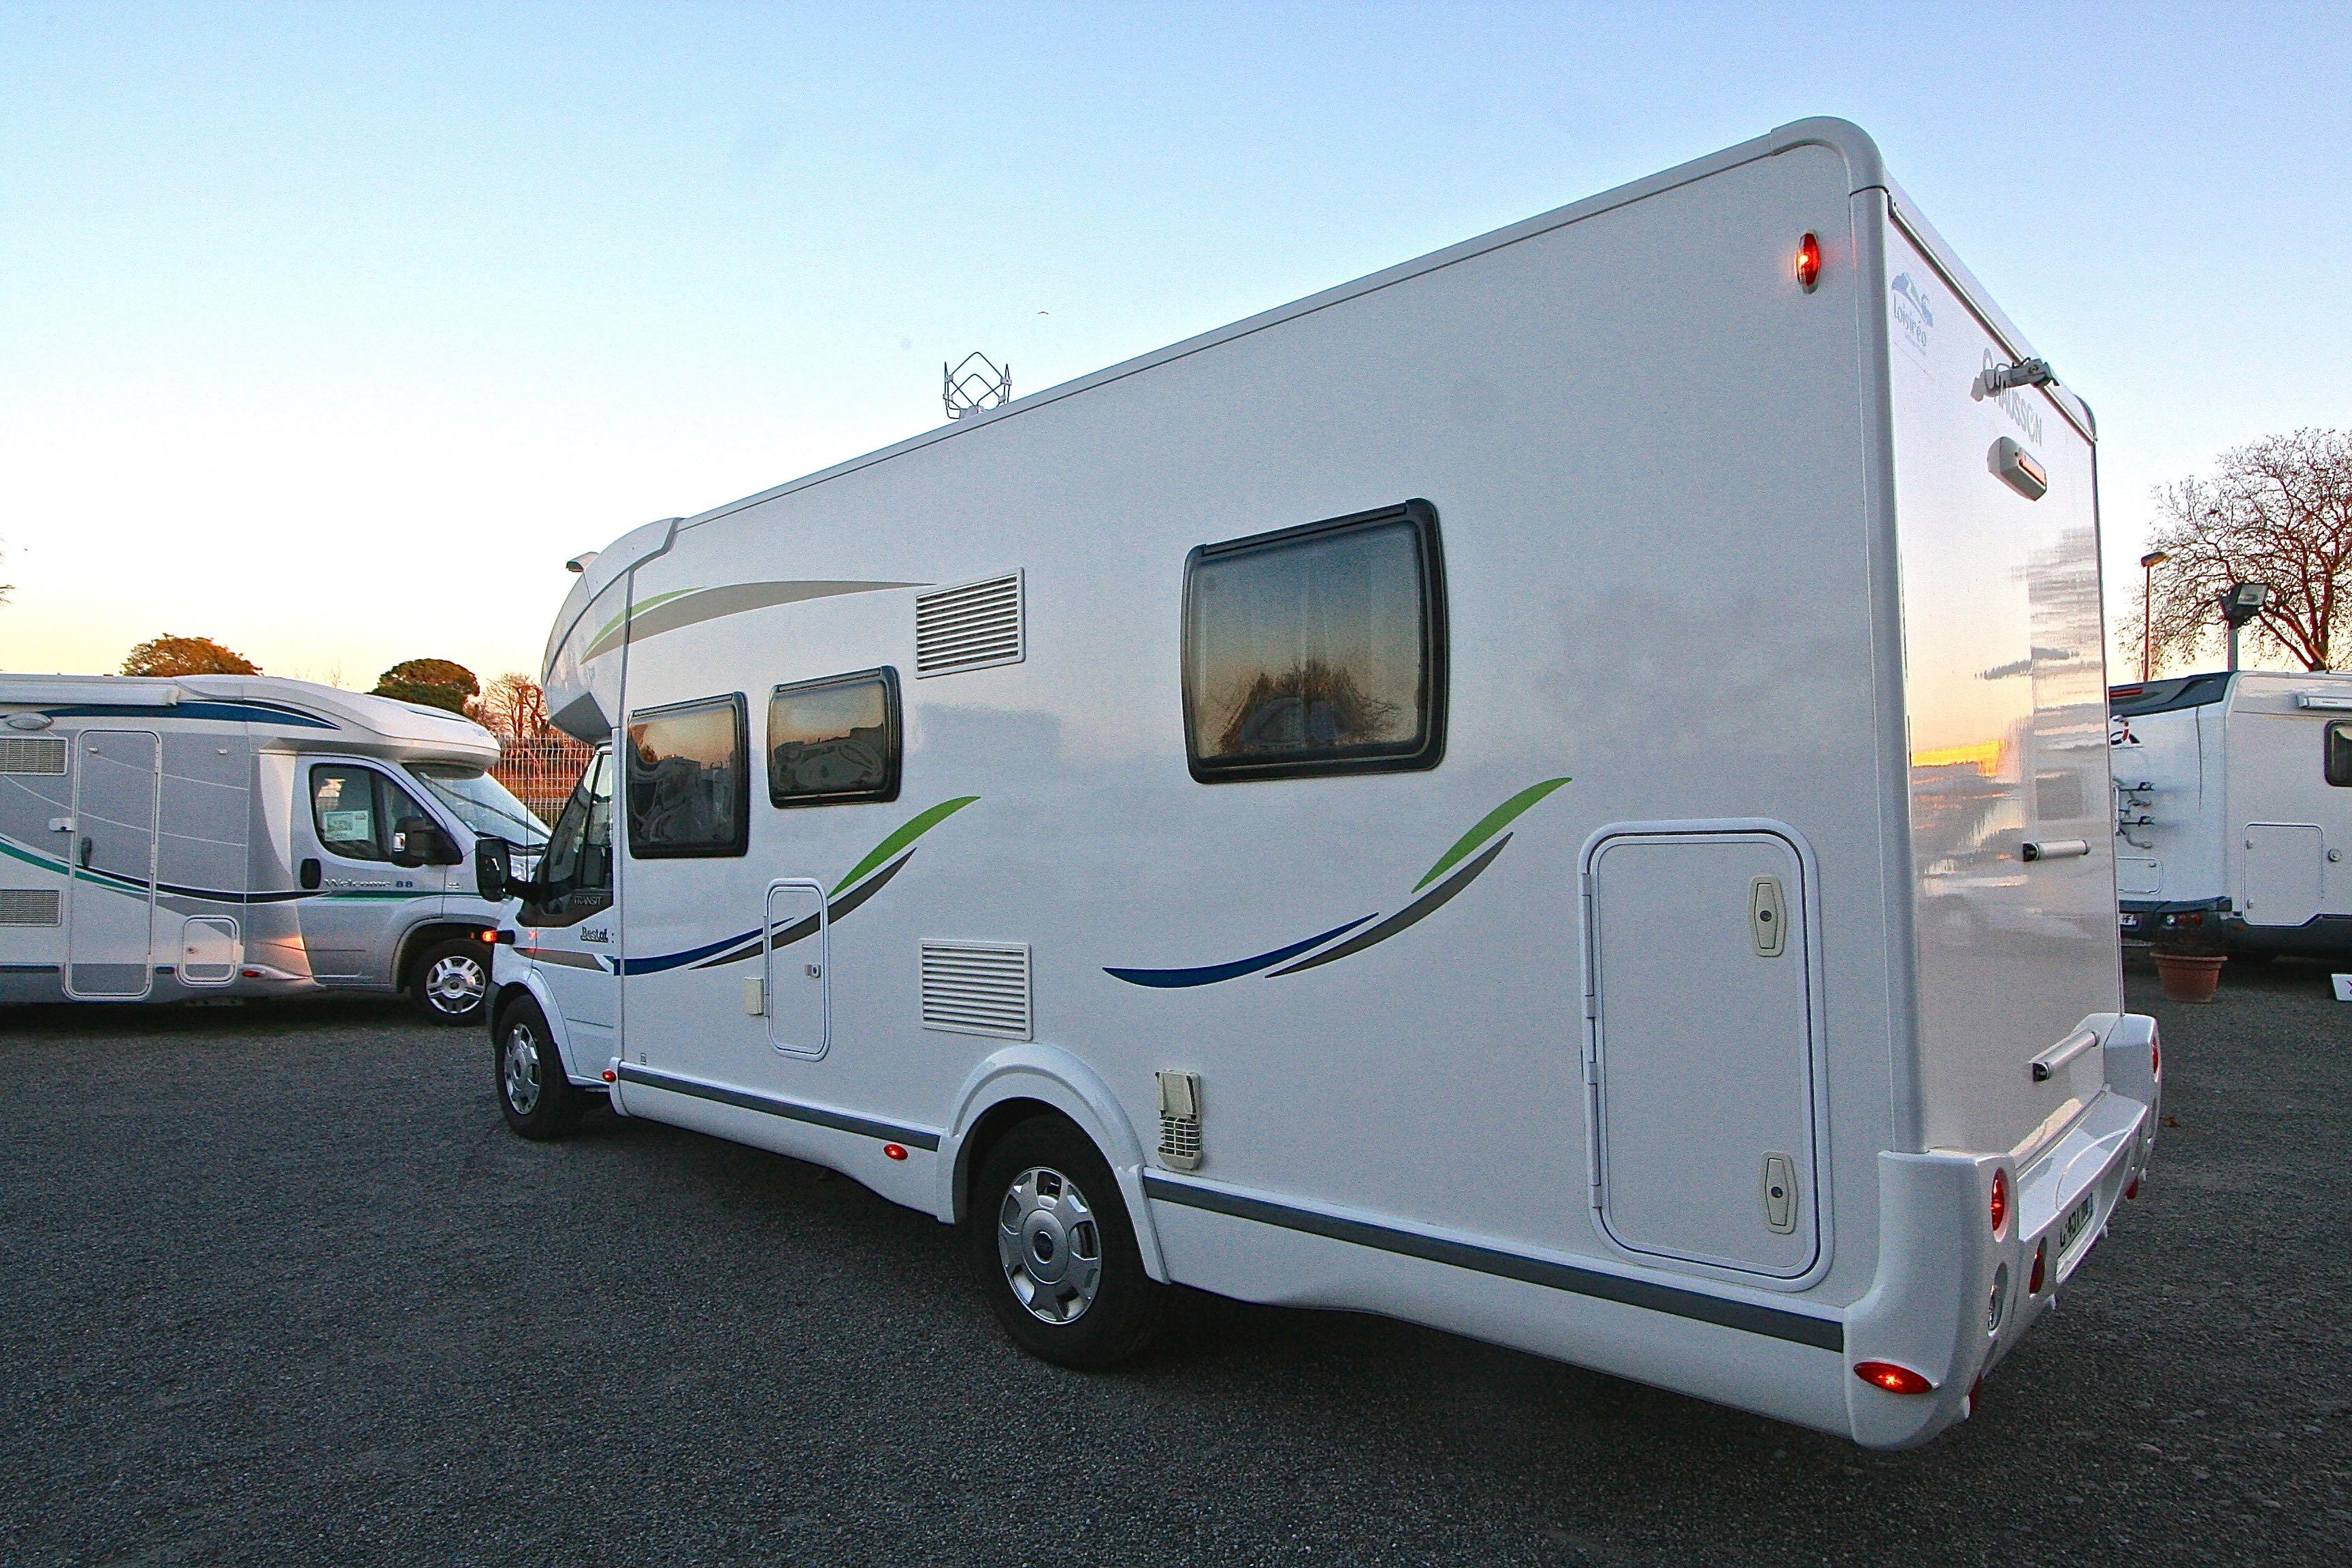 chausson best of 30 occasion de 2014 ford camping car en vente roques sur garonne haute. Black Bedroom Furniture Sets. Home Design Ideas